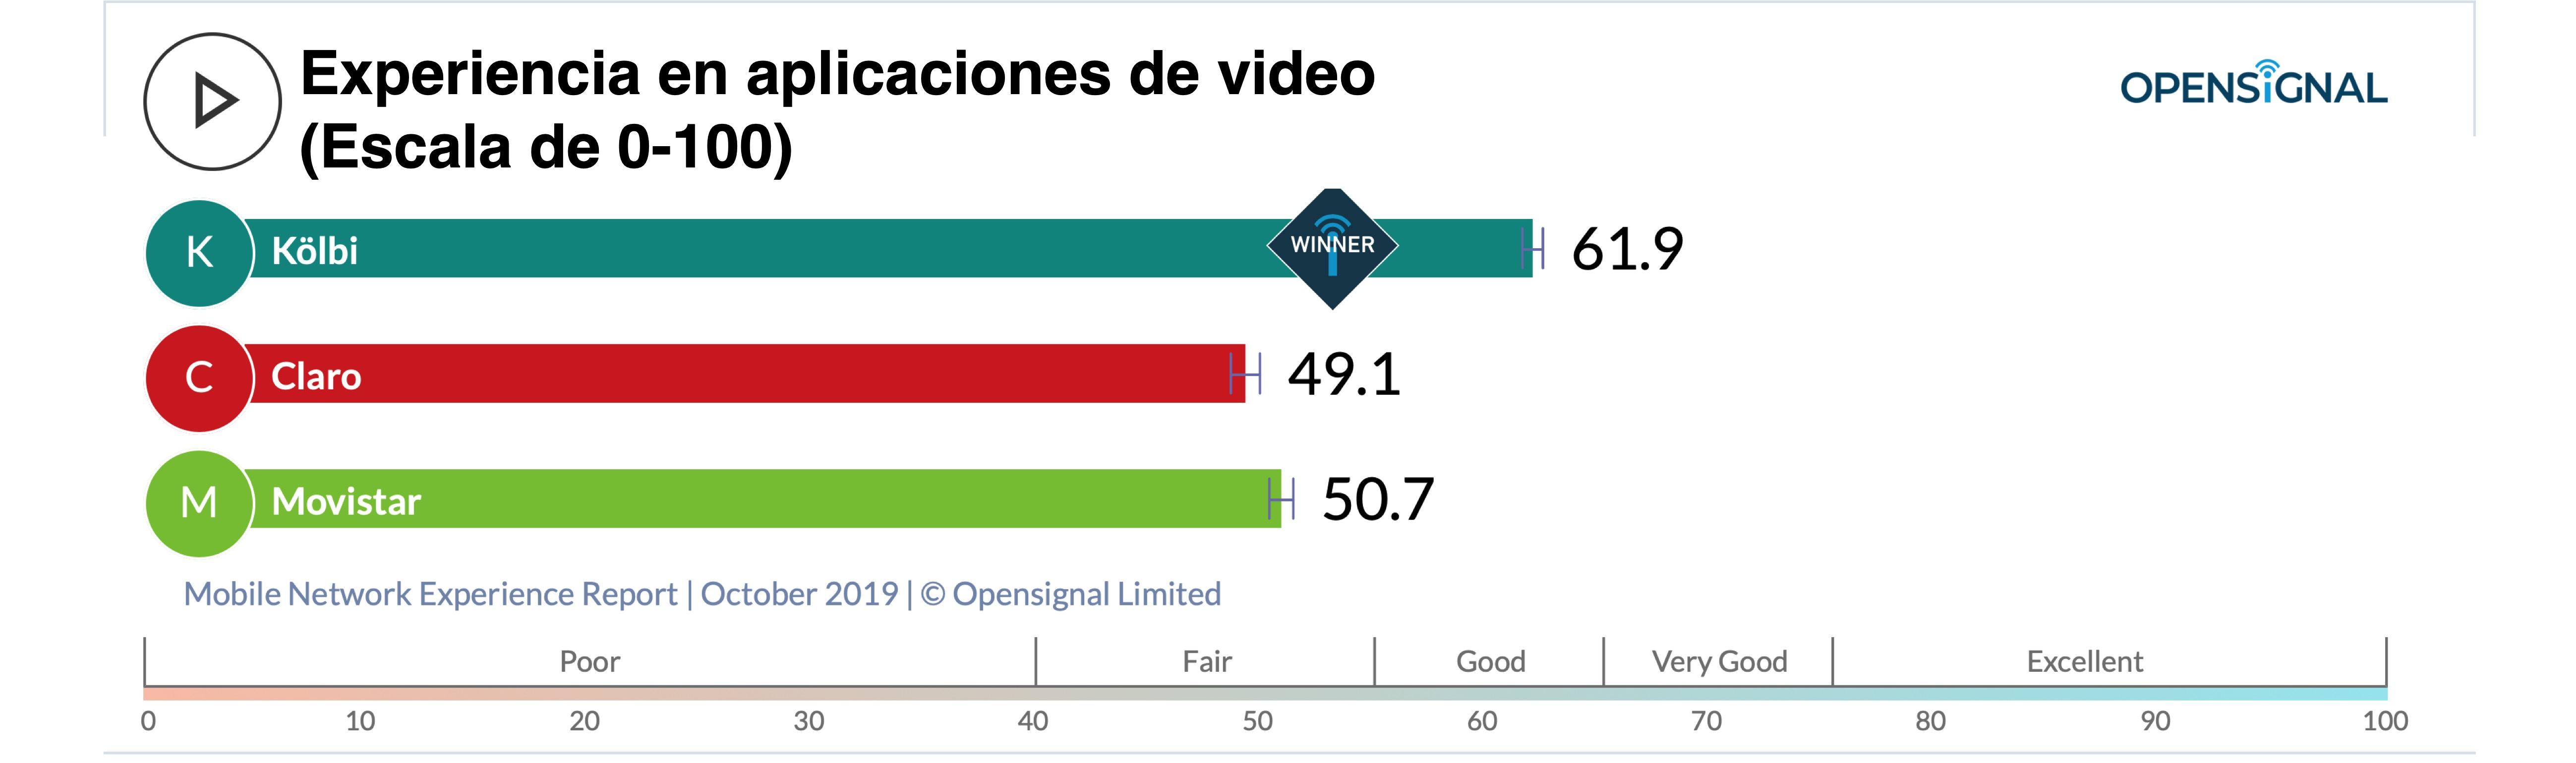 Gráfico experiencia en aplicaciones de video